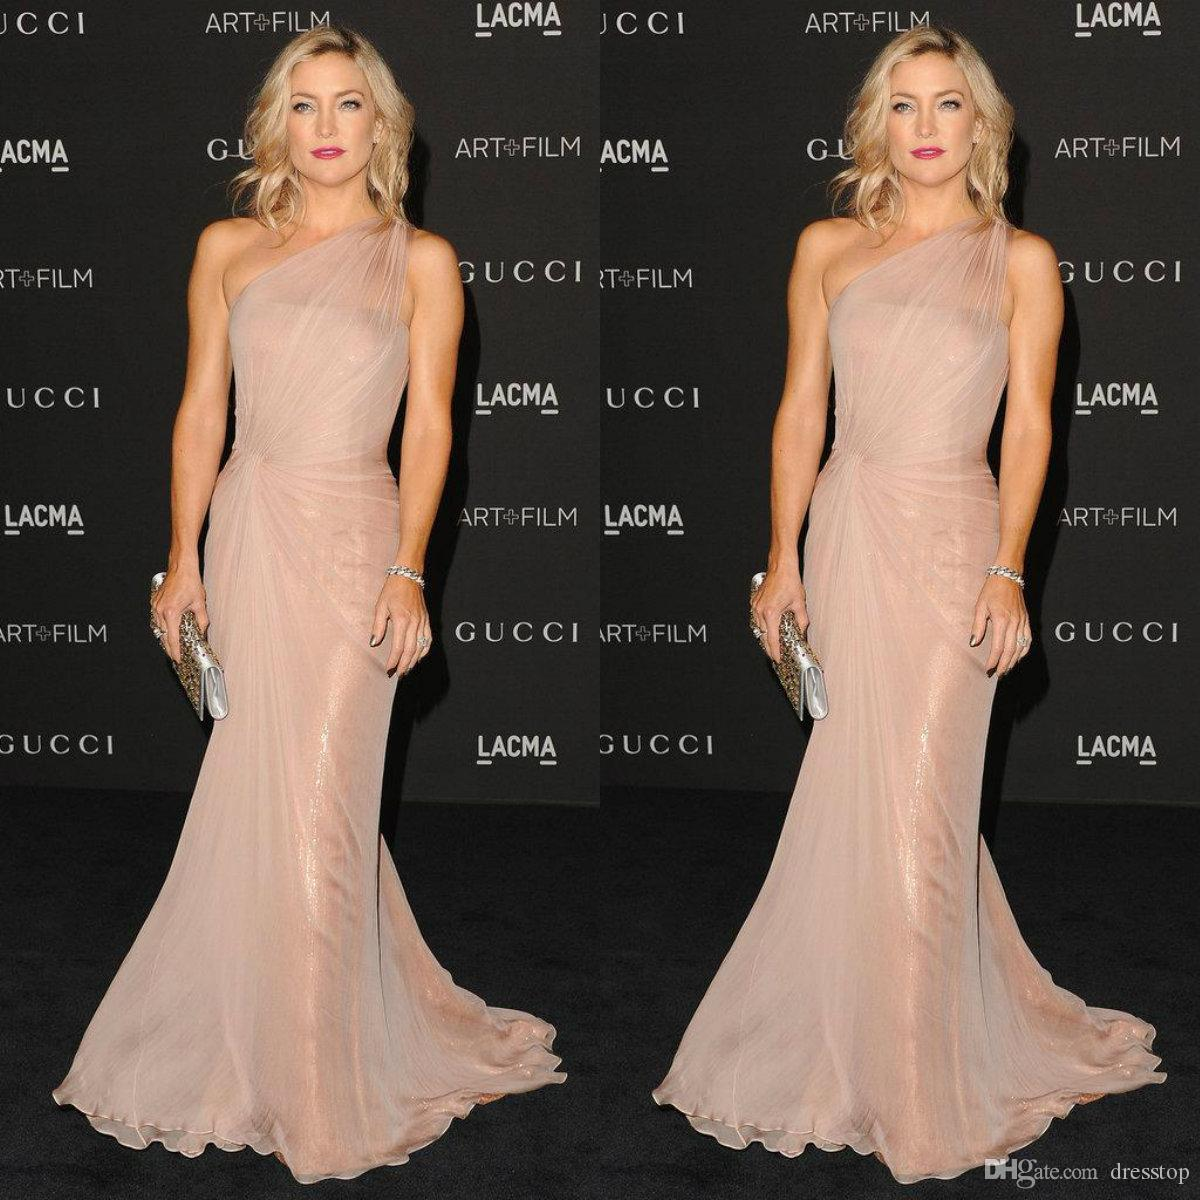 Kate Hudson w Syrena Celebrity Sukienki Plds One Shoulder Sweep Pociąg Red Carpet Cekiny Suknie Wieczorowe Prom Dress